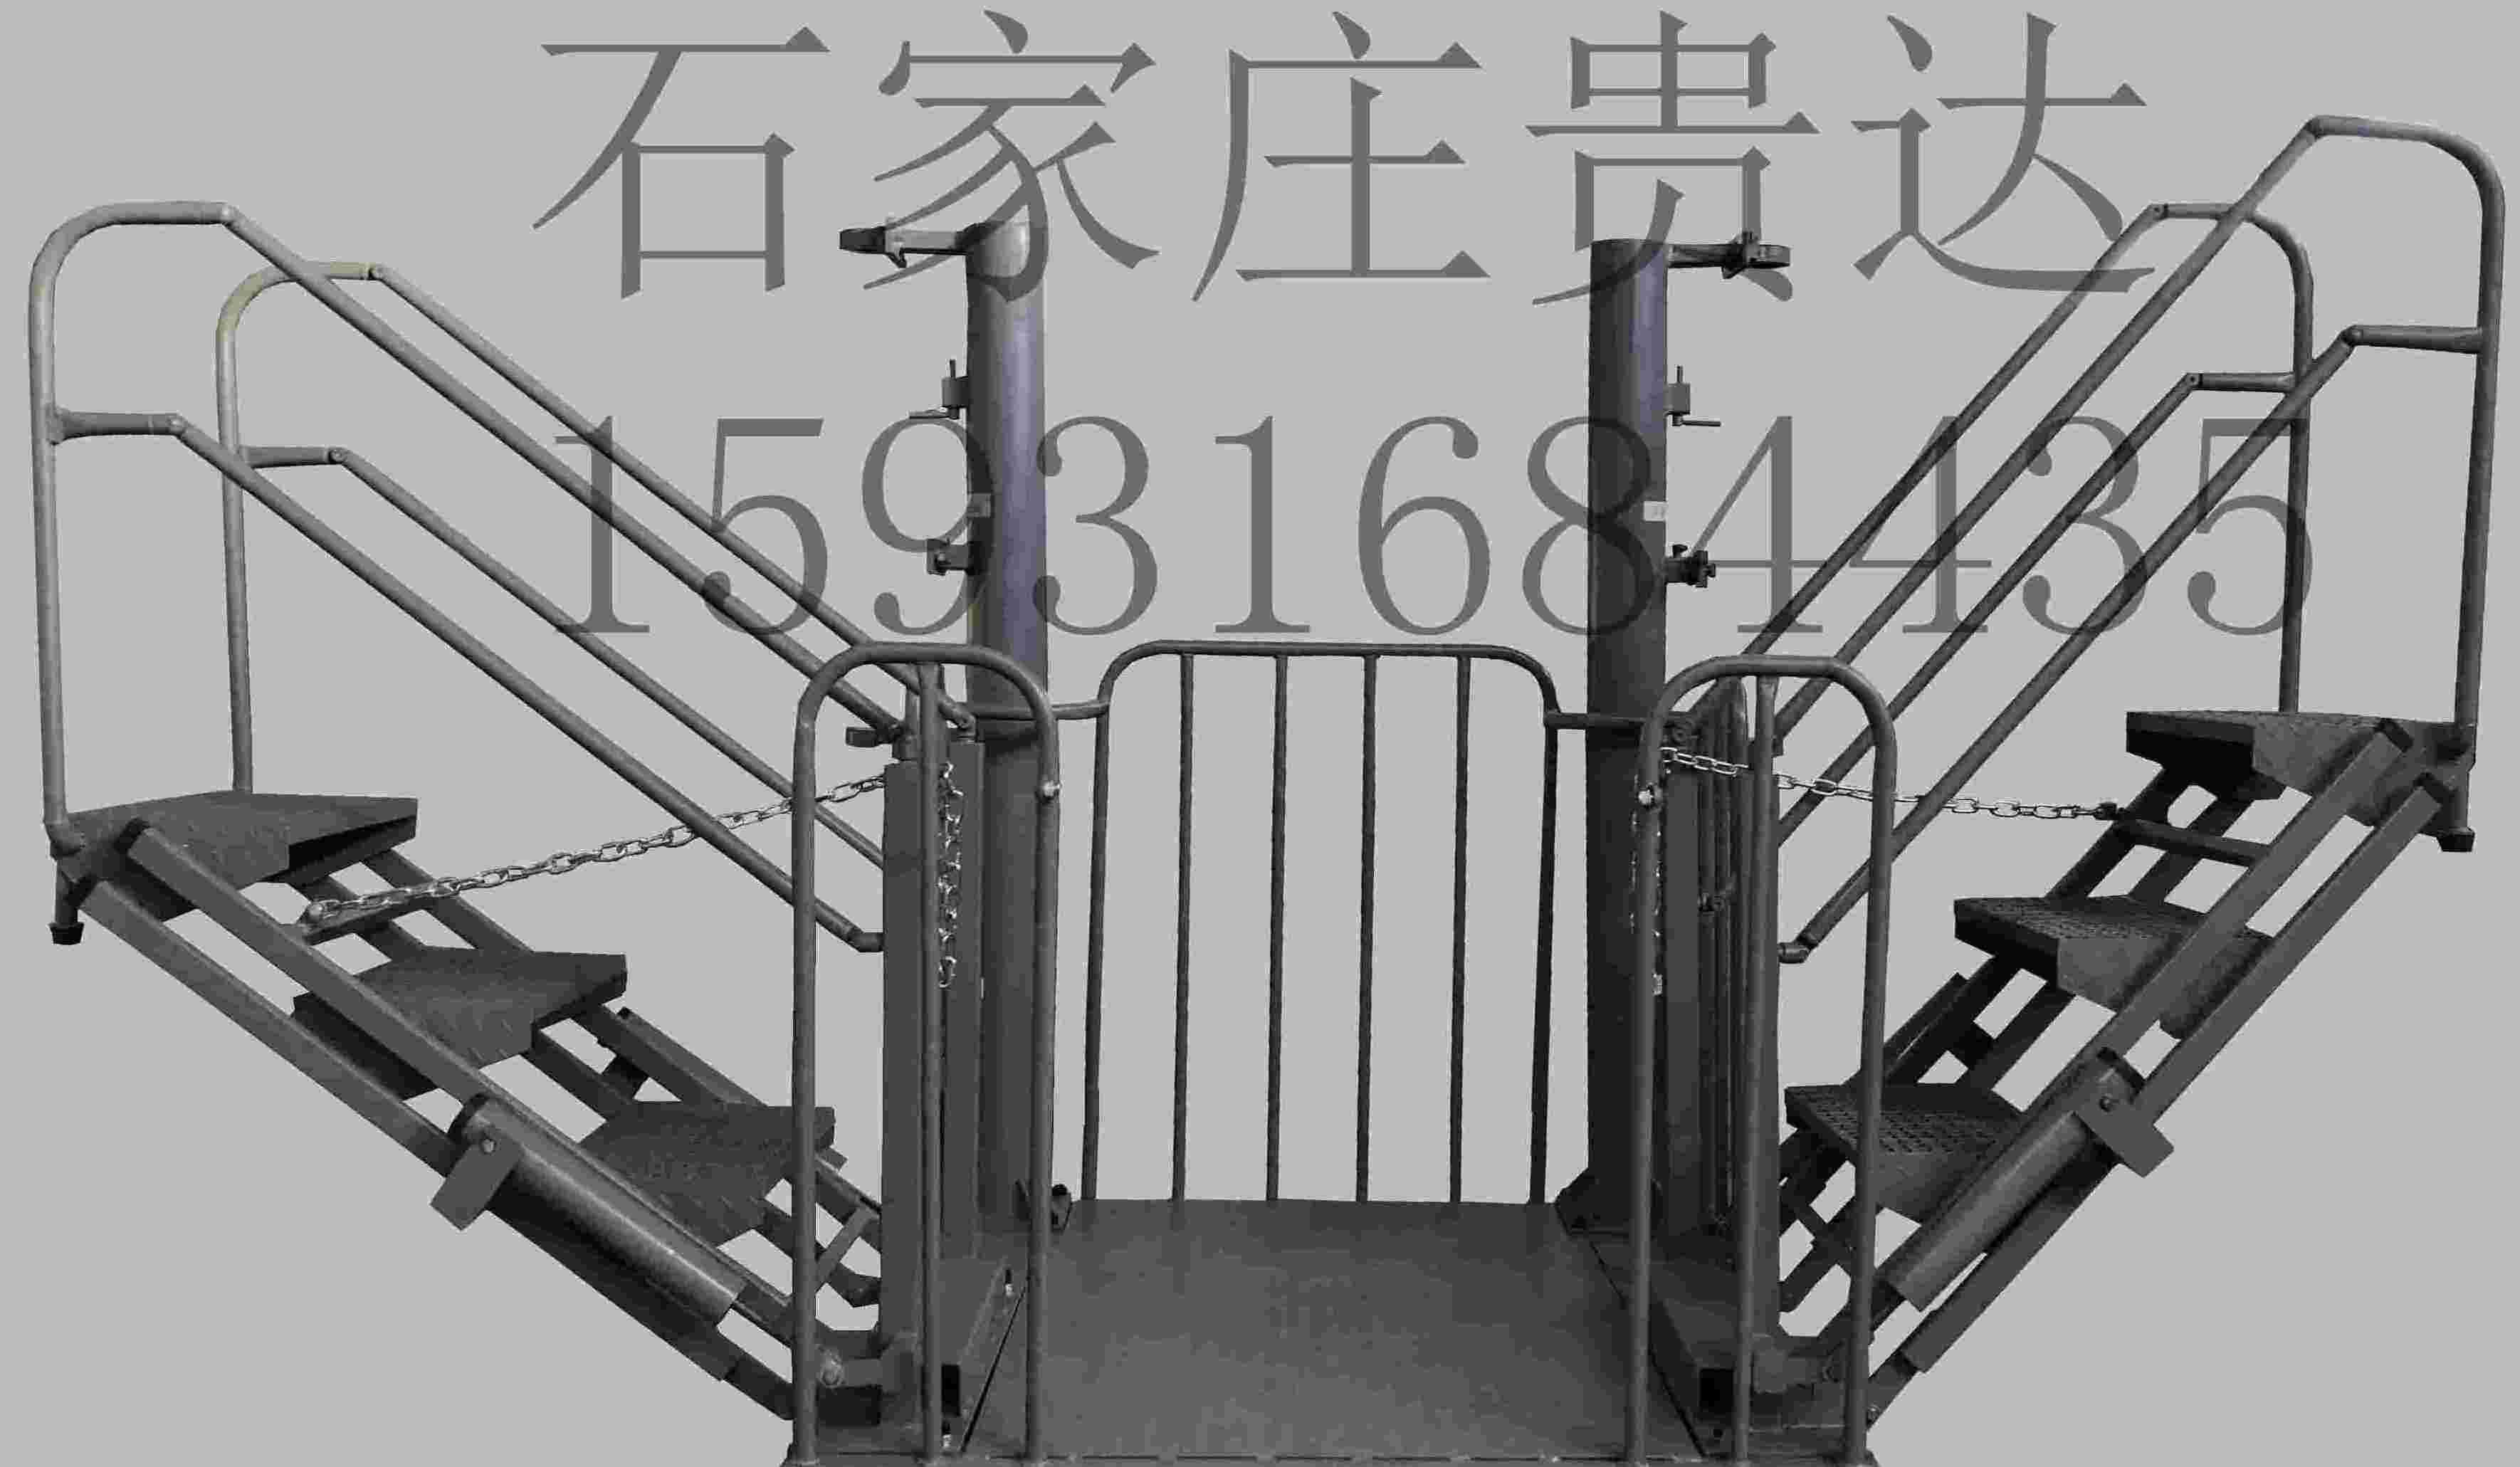 鹤管平台、栈台、栈桥